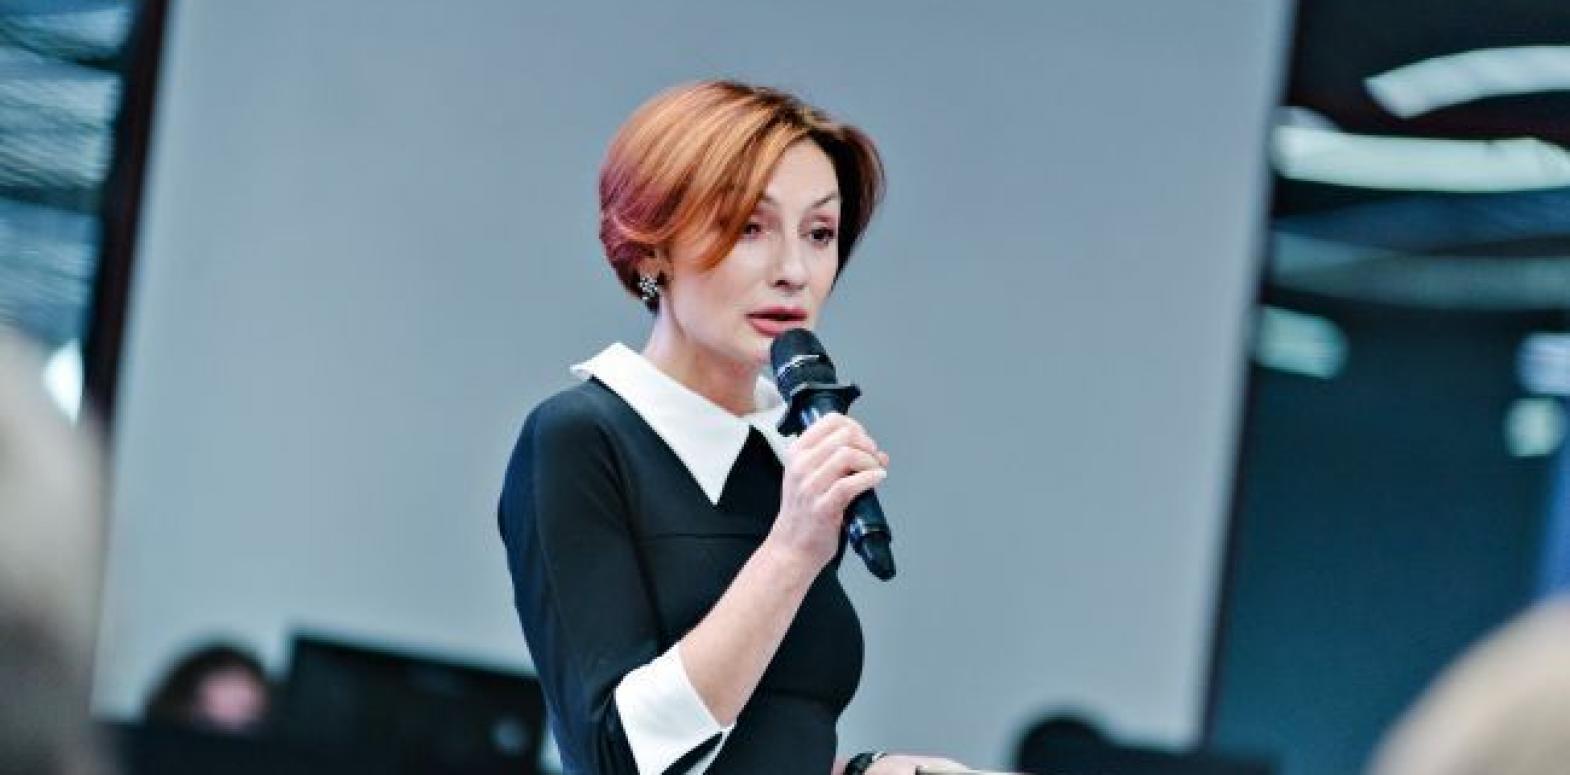 Рожкова: несмотря на ситуацию с ПриватБанком, диалог с МВФ продолжается